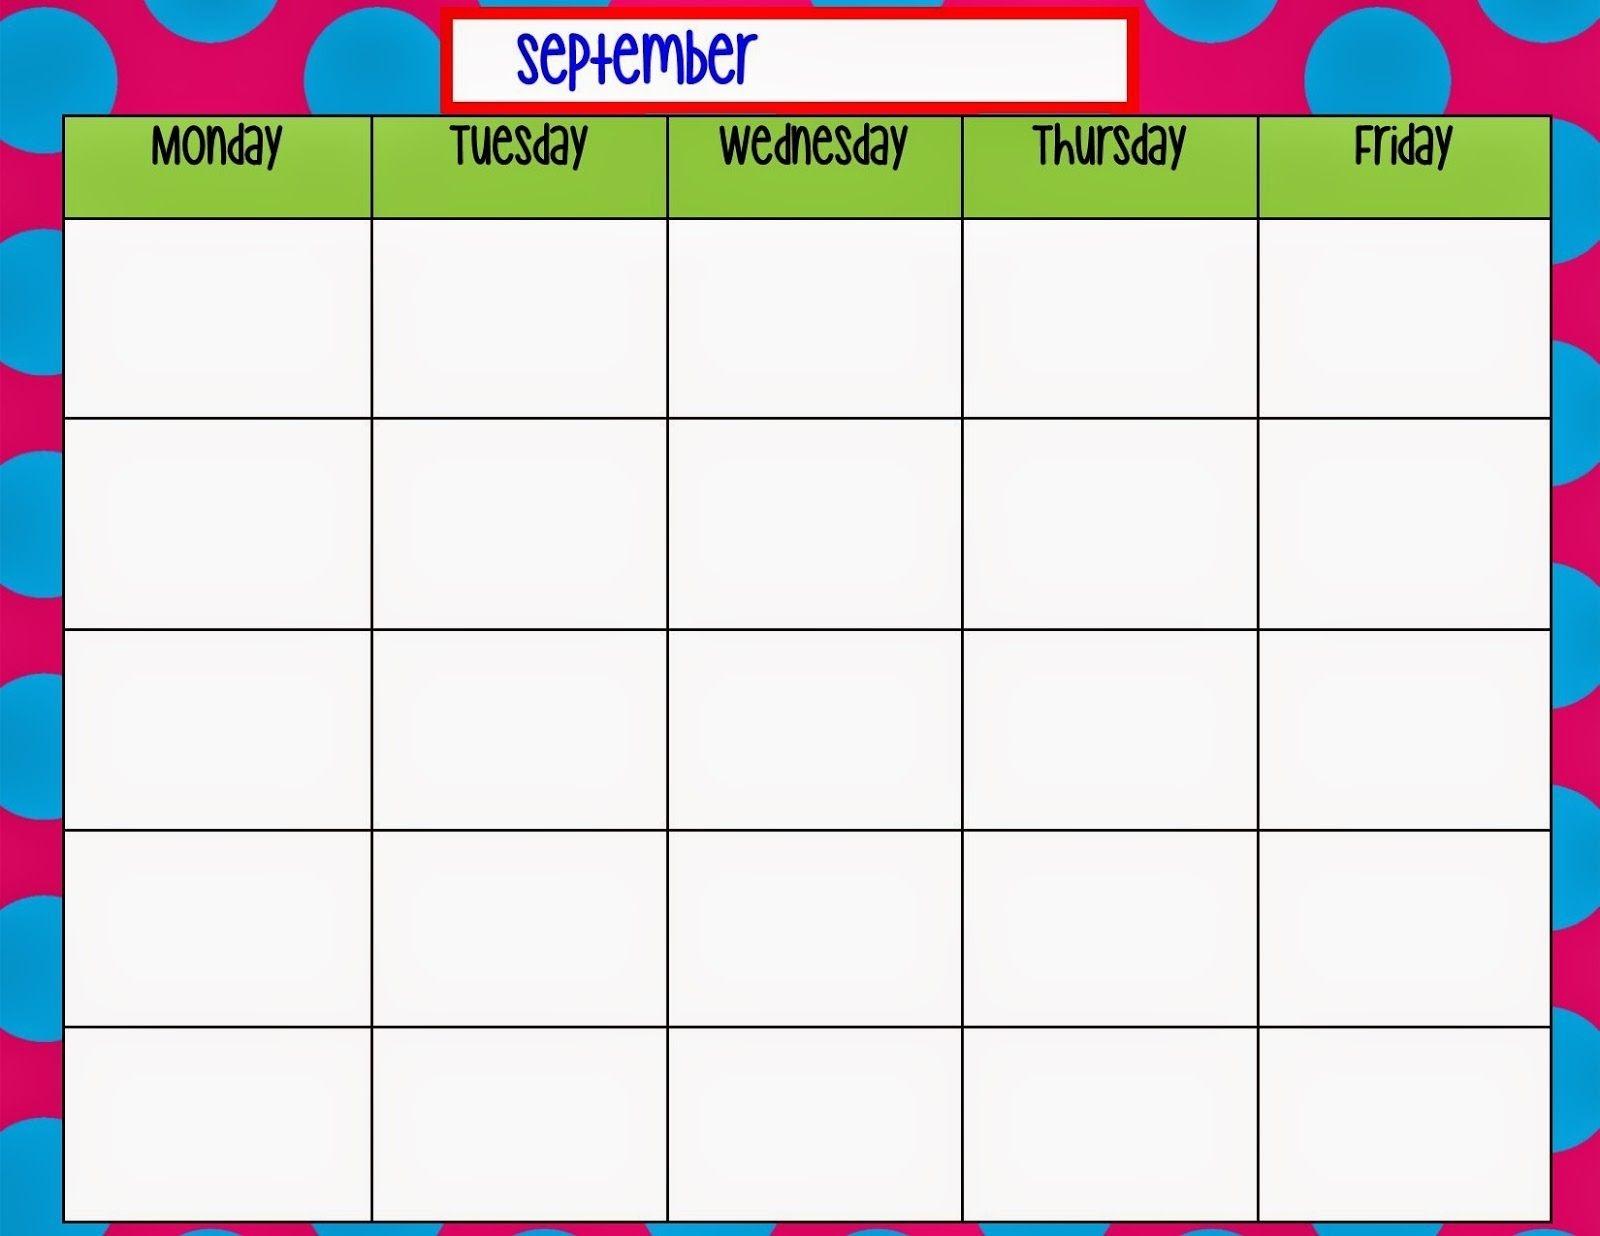 Monday Through Friday Calendar Template   Preschool   Weekly  Monday Through Friday Schedule Printable